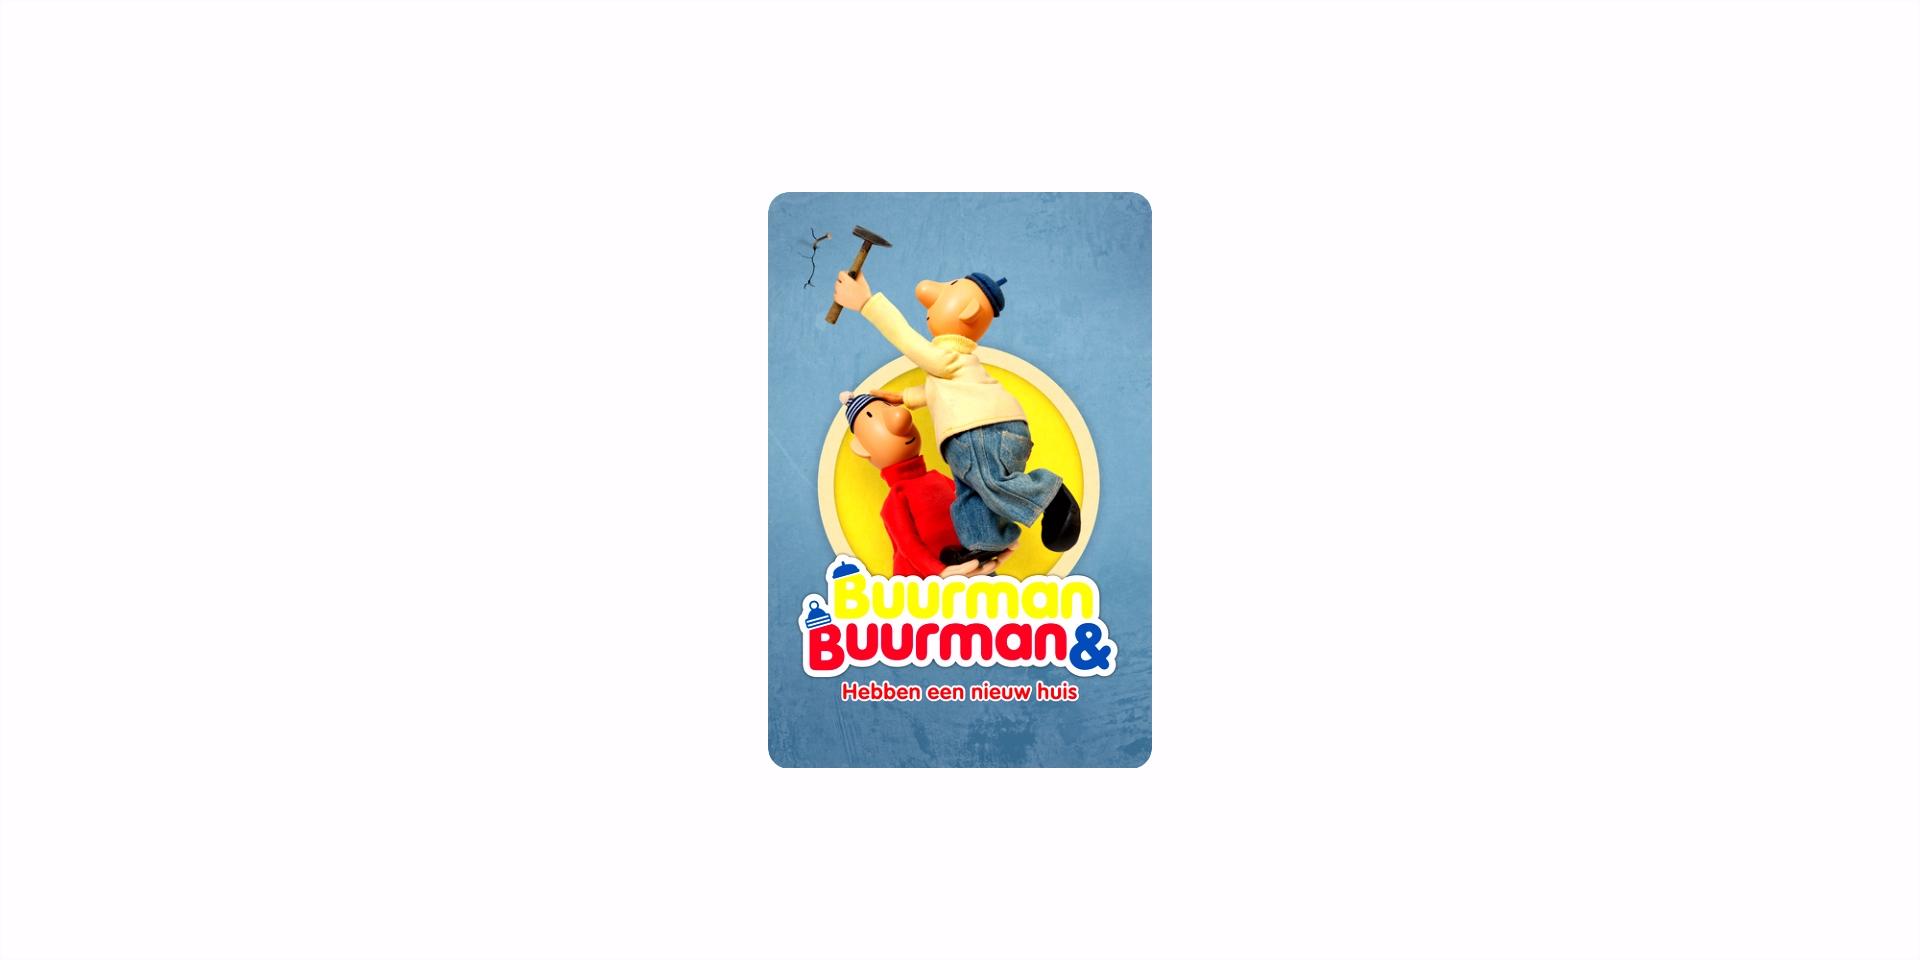  Buurman & Buurman Hebben een nieuw huis in iTunes